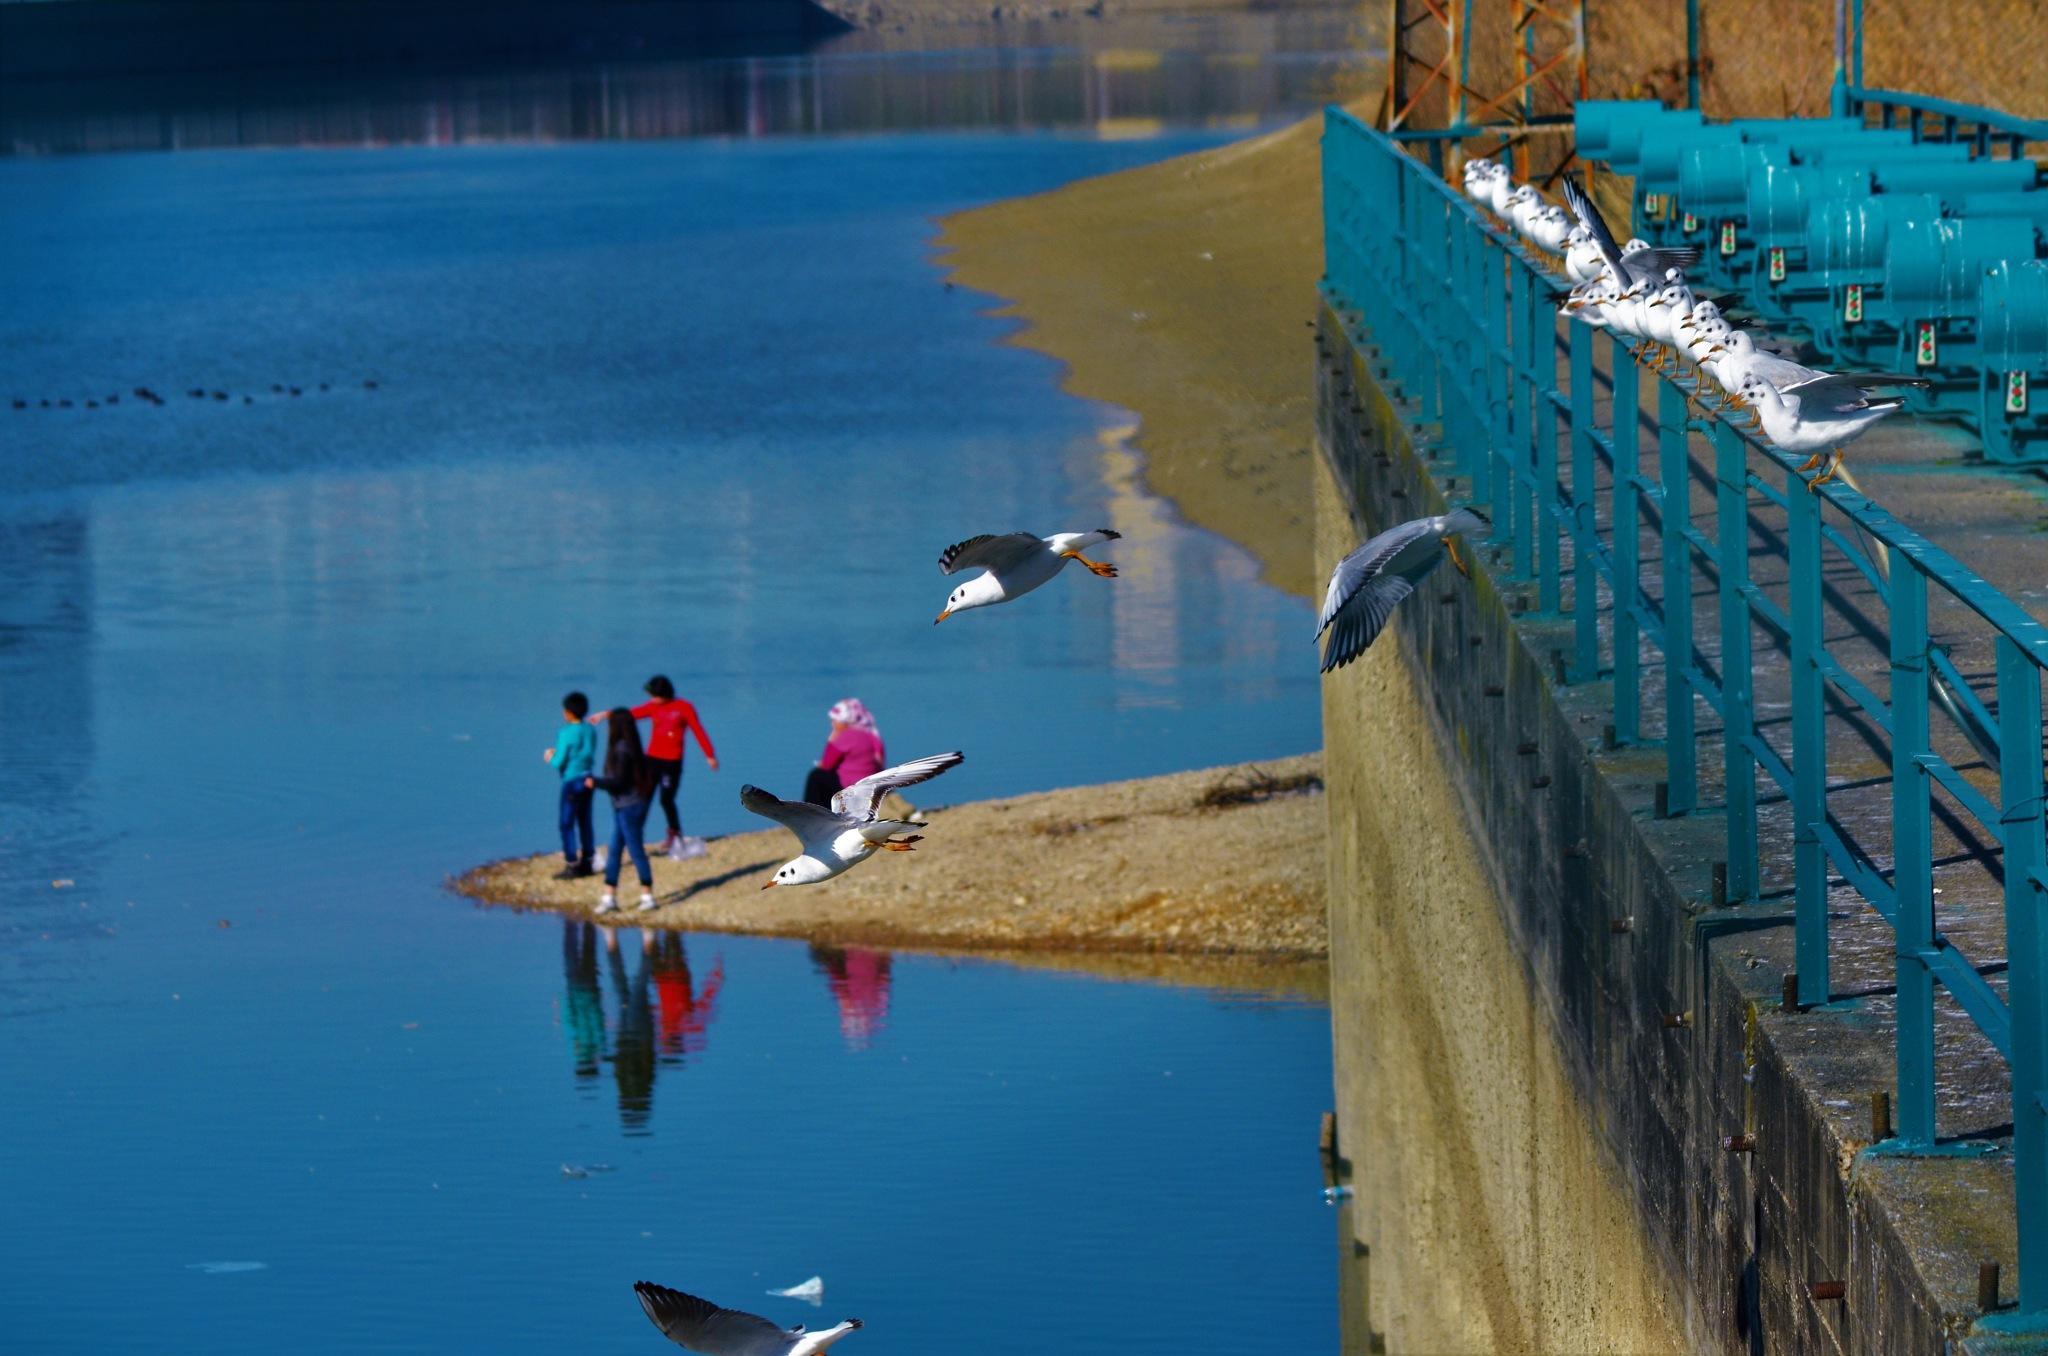 Kuşlar ve insanlar by Zeki Durak